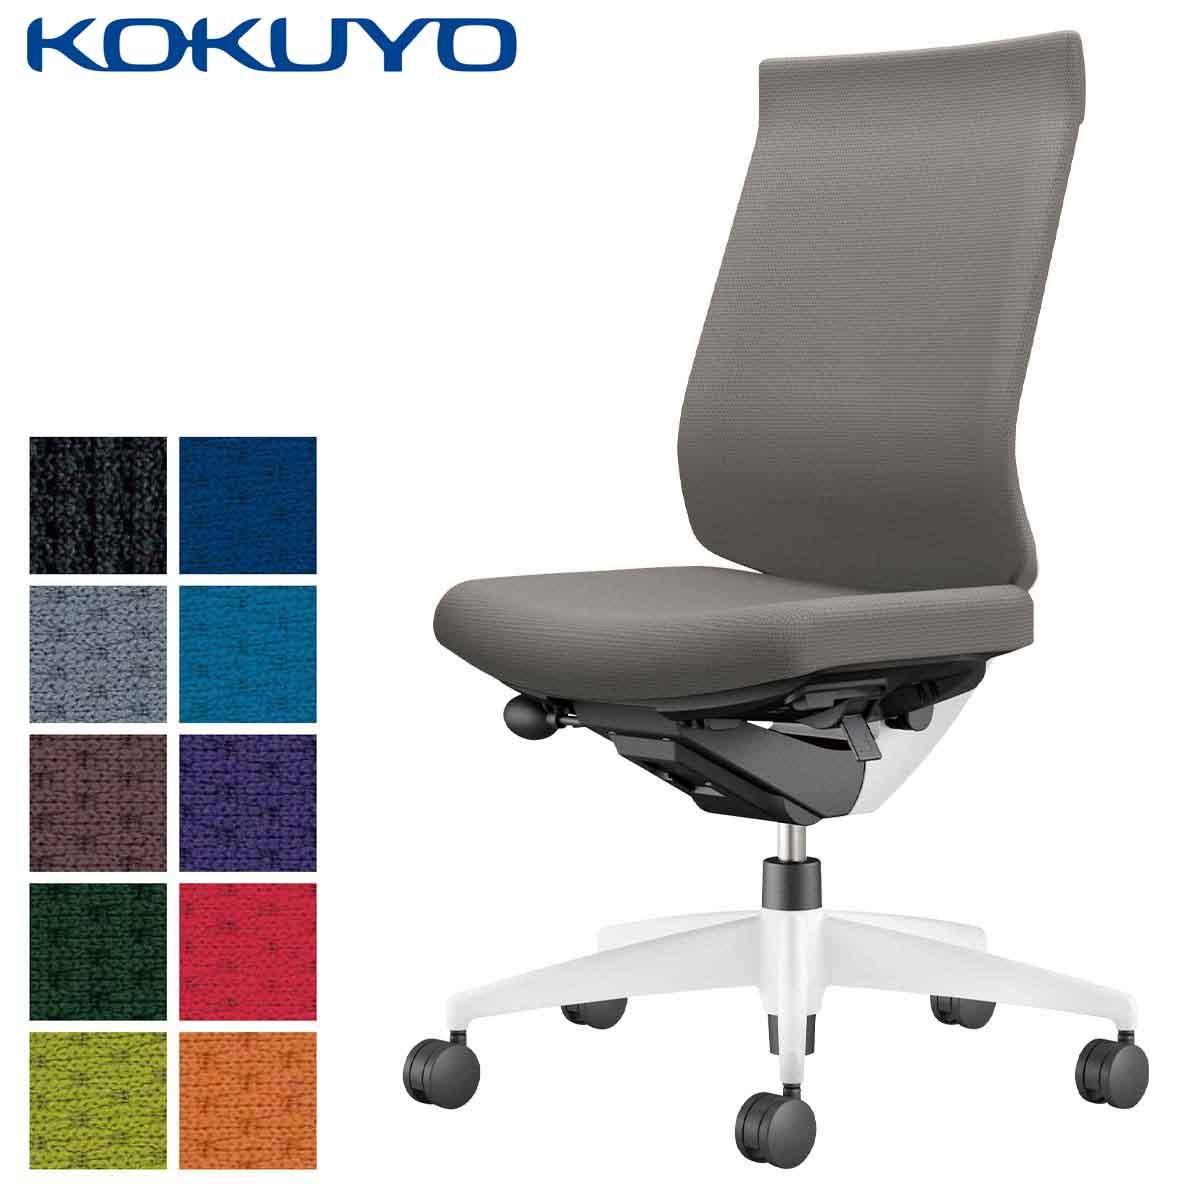 コクヨ デスクチェア オフィスチェア 椅子 Wizard3 ウィザード3 CR-W3622E1 肘なし ホワイトシェル ホワイト樹脂脚 -w カーペット用キャスター